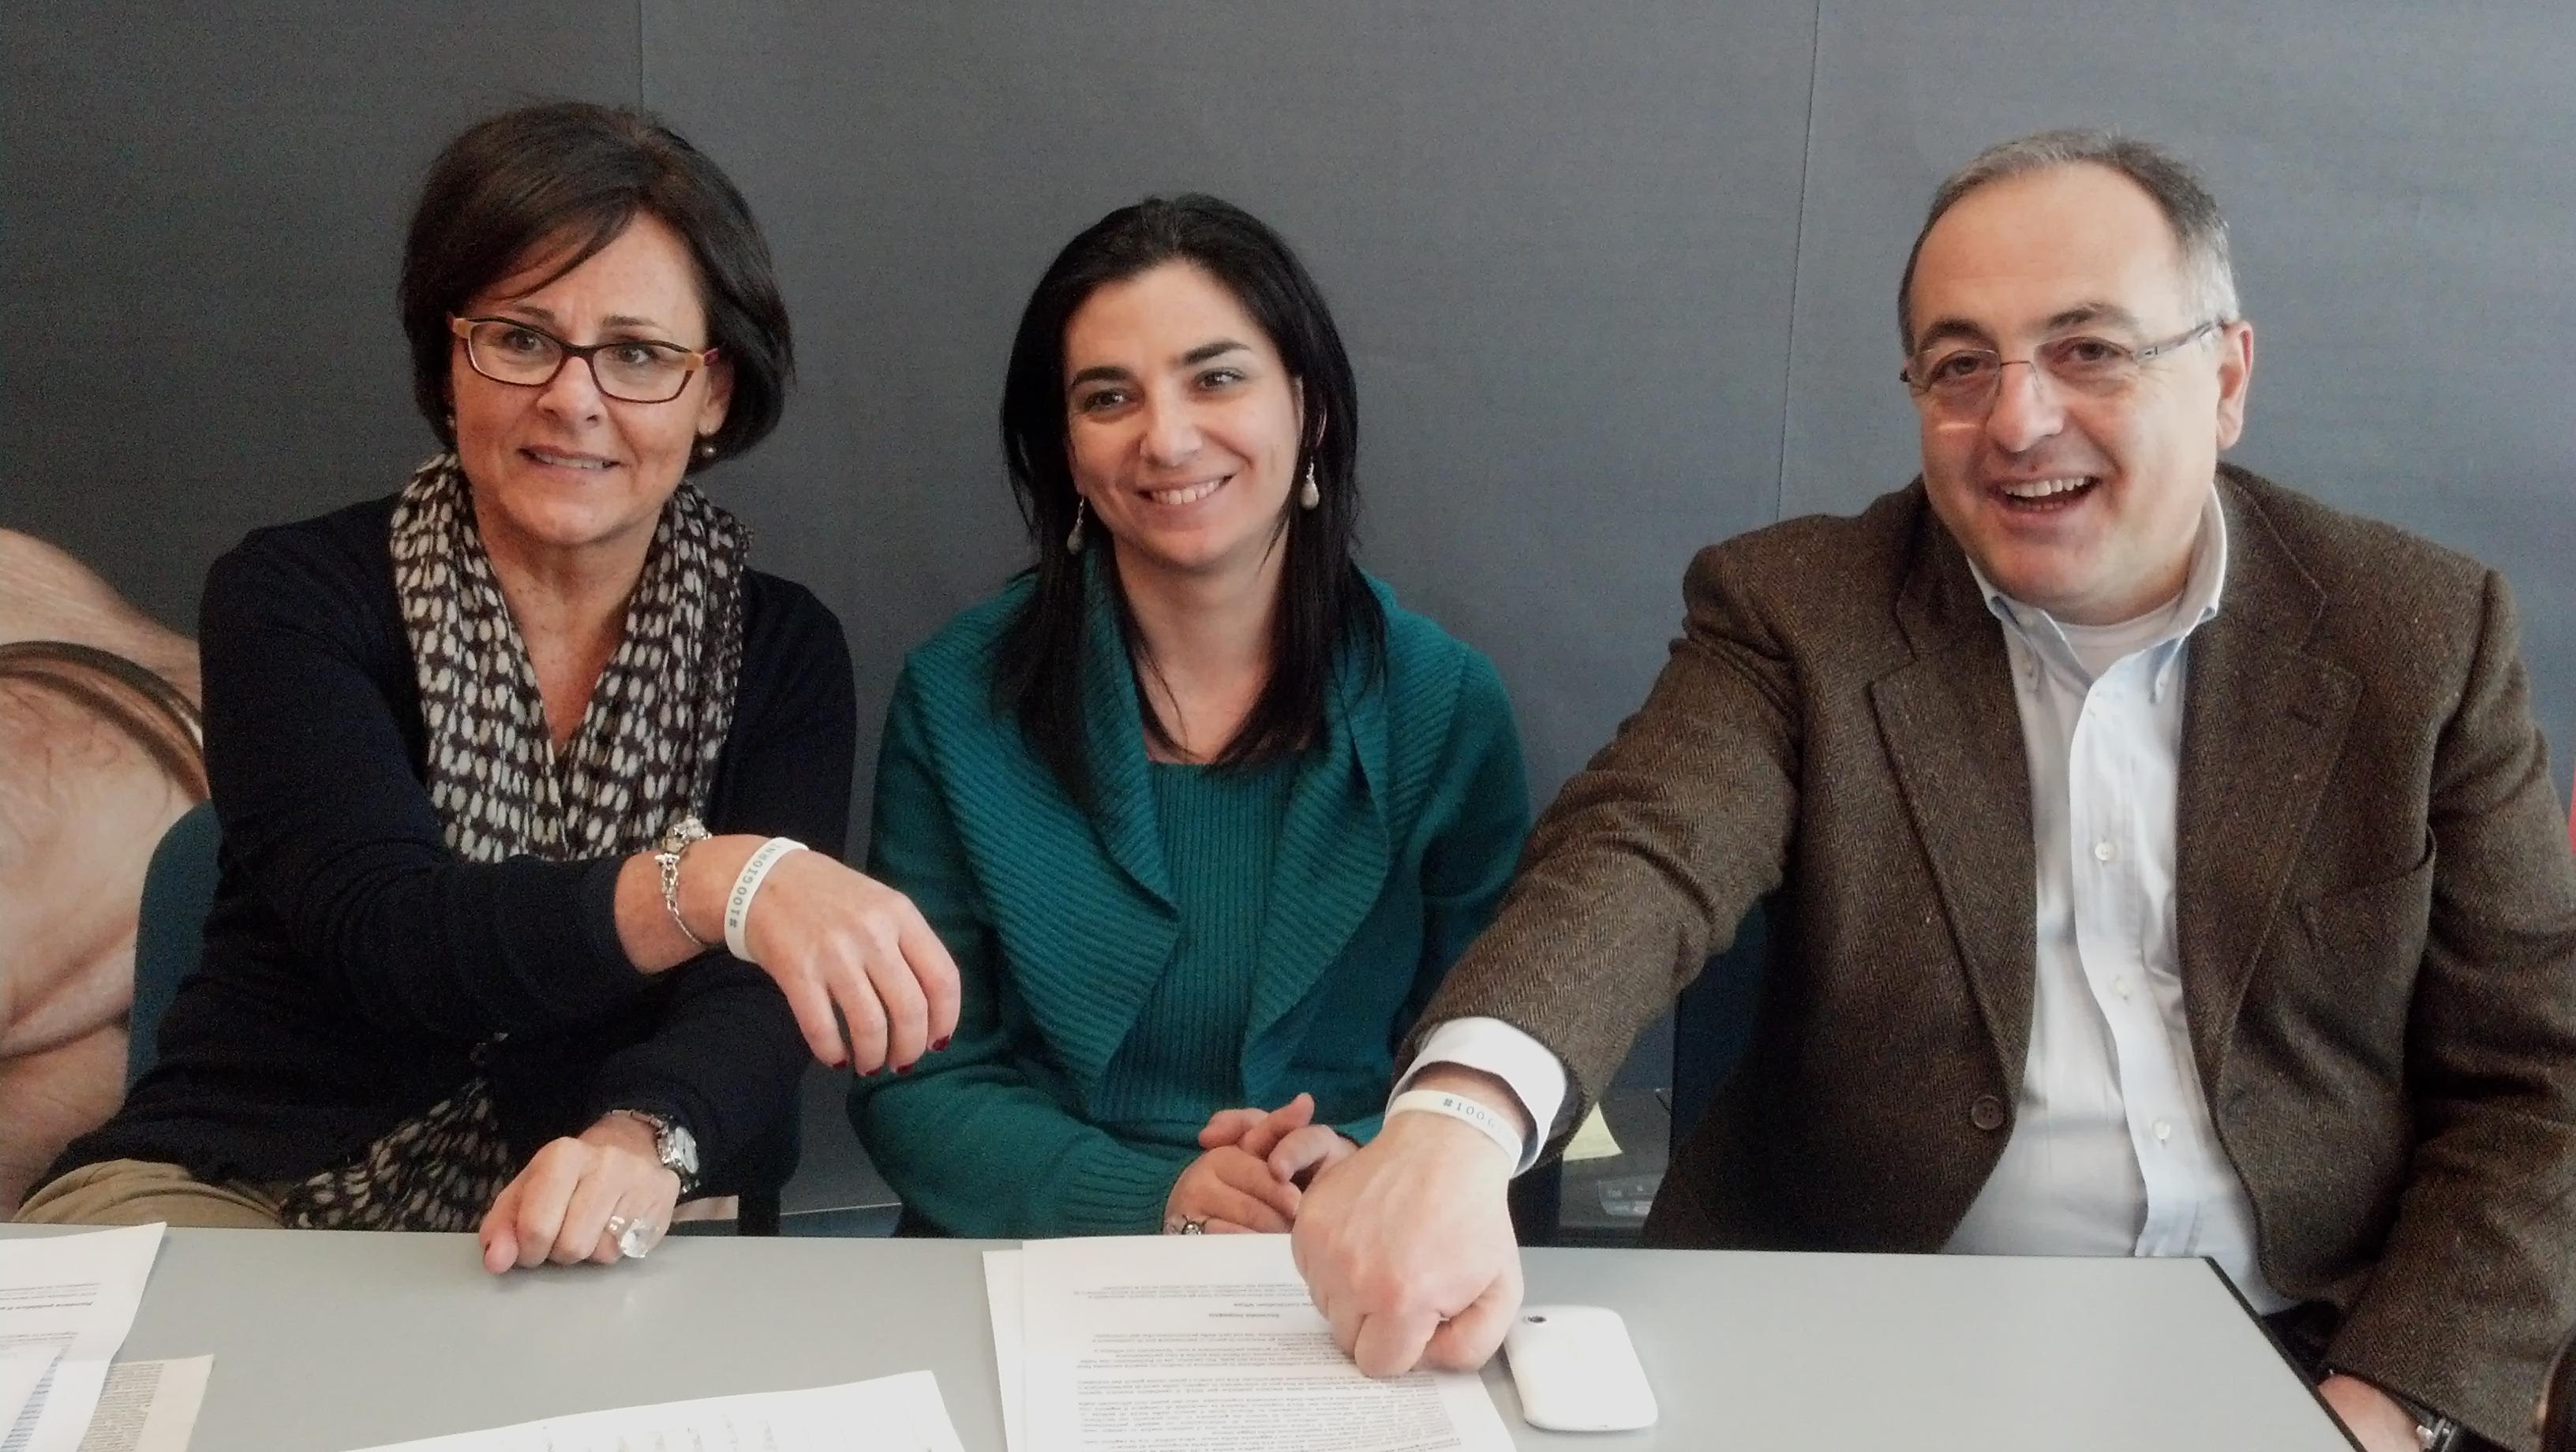 Anna Casini e Luciano Agostini mostrano il braccialetto dei 100 giorni dato dall'associazione Libera rappresentata da Paola Senesi